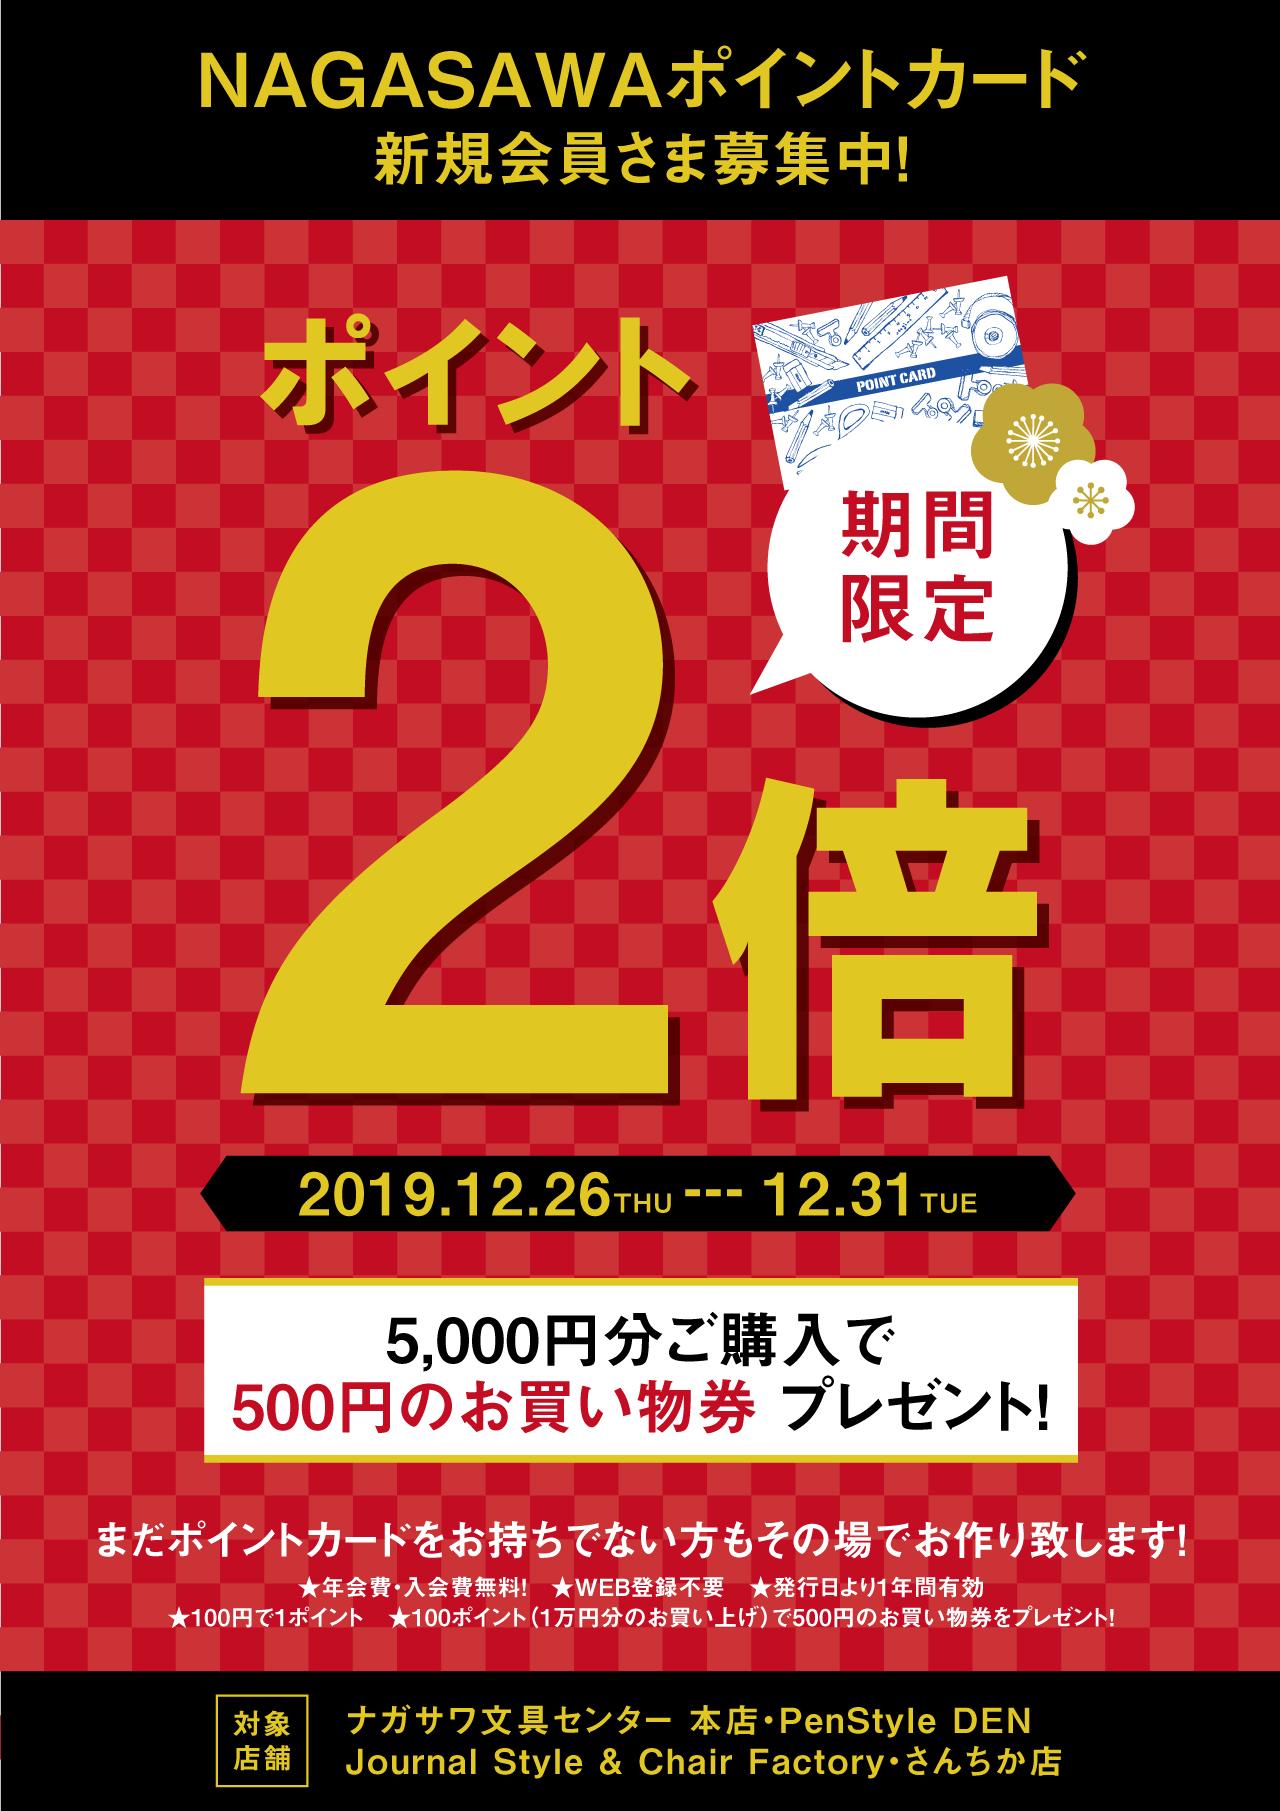 【本店・PenStyle DEN・さんちか店・JournalStyle&ChairFactory】4店舗限定 令和元年最後のポイントUPキャンペーン開催!